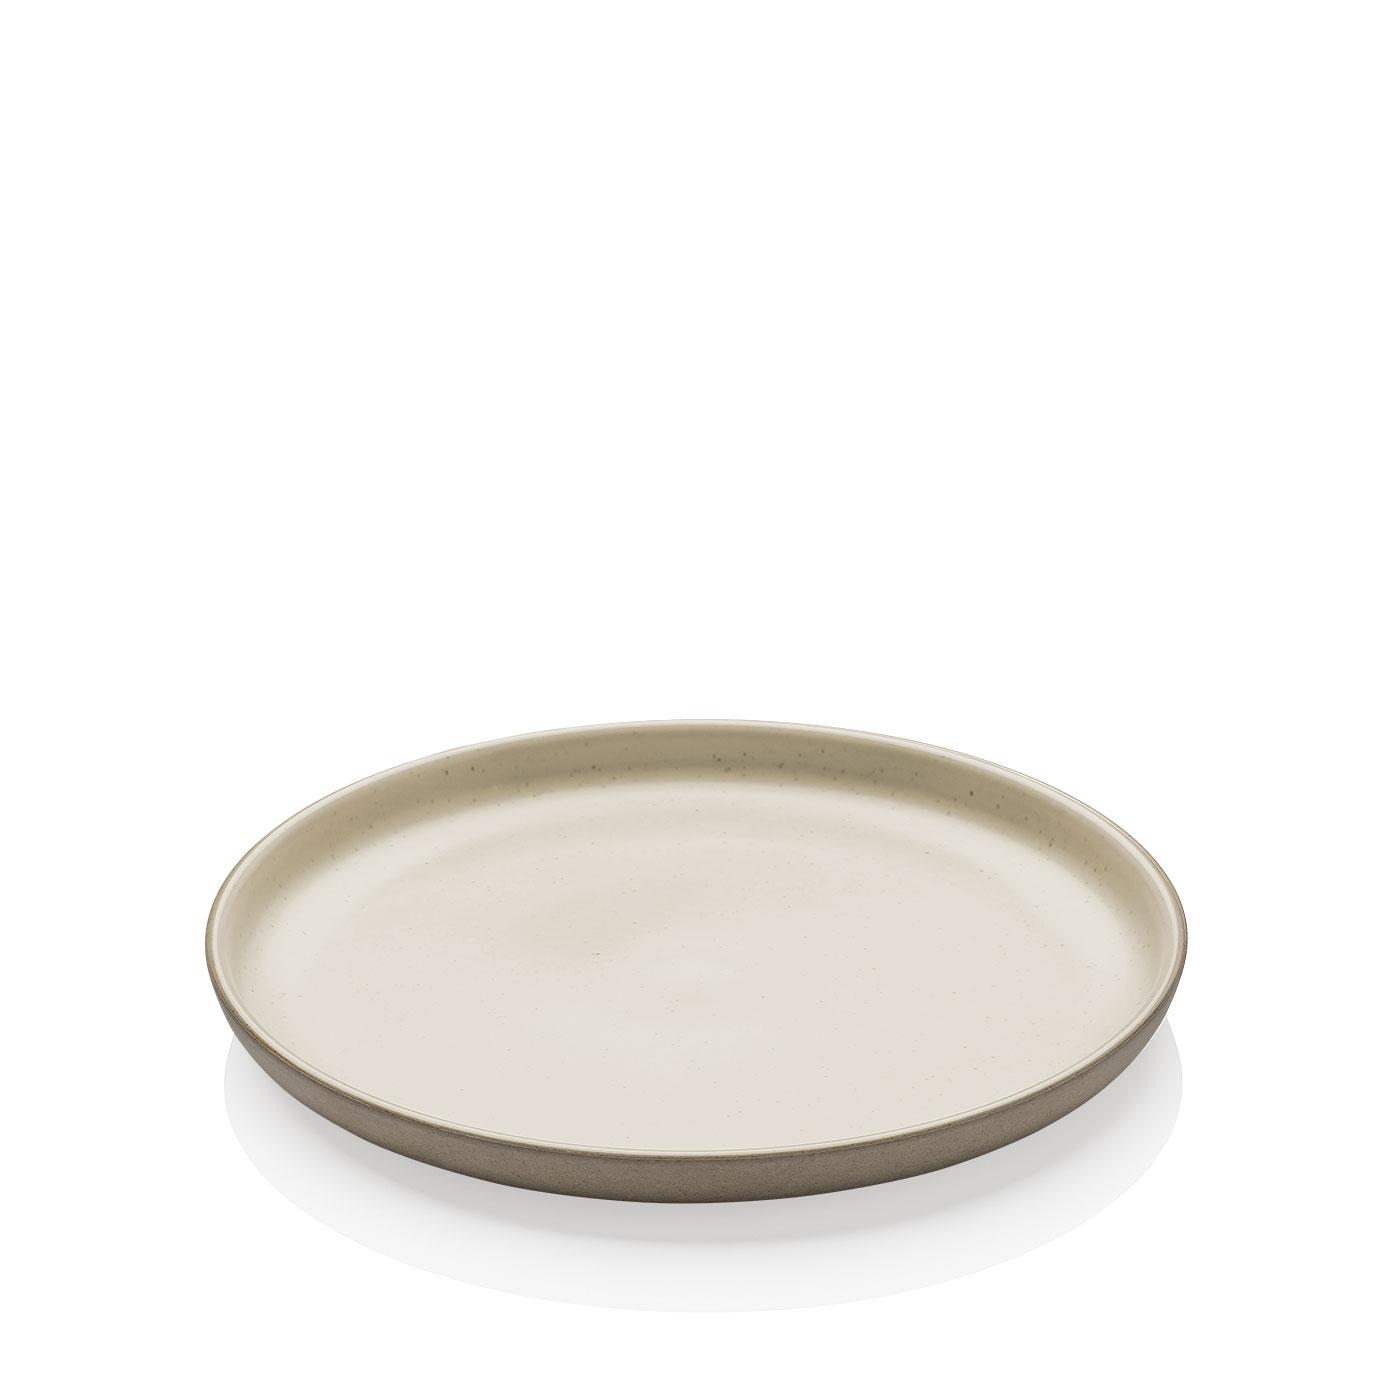 Gourmetteller 26 cm Joyn Stoneware Ash Arzberg